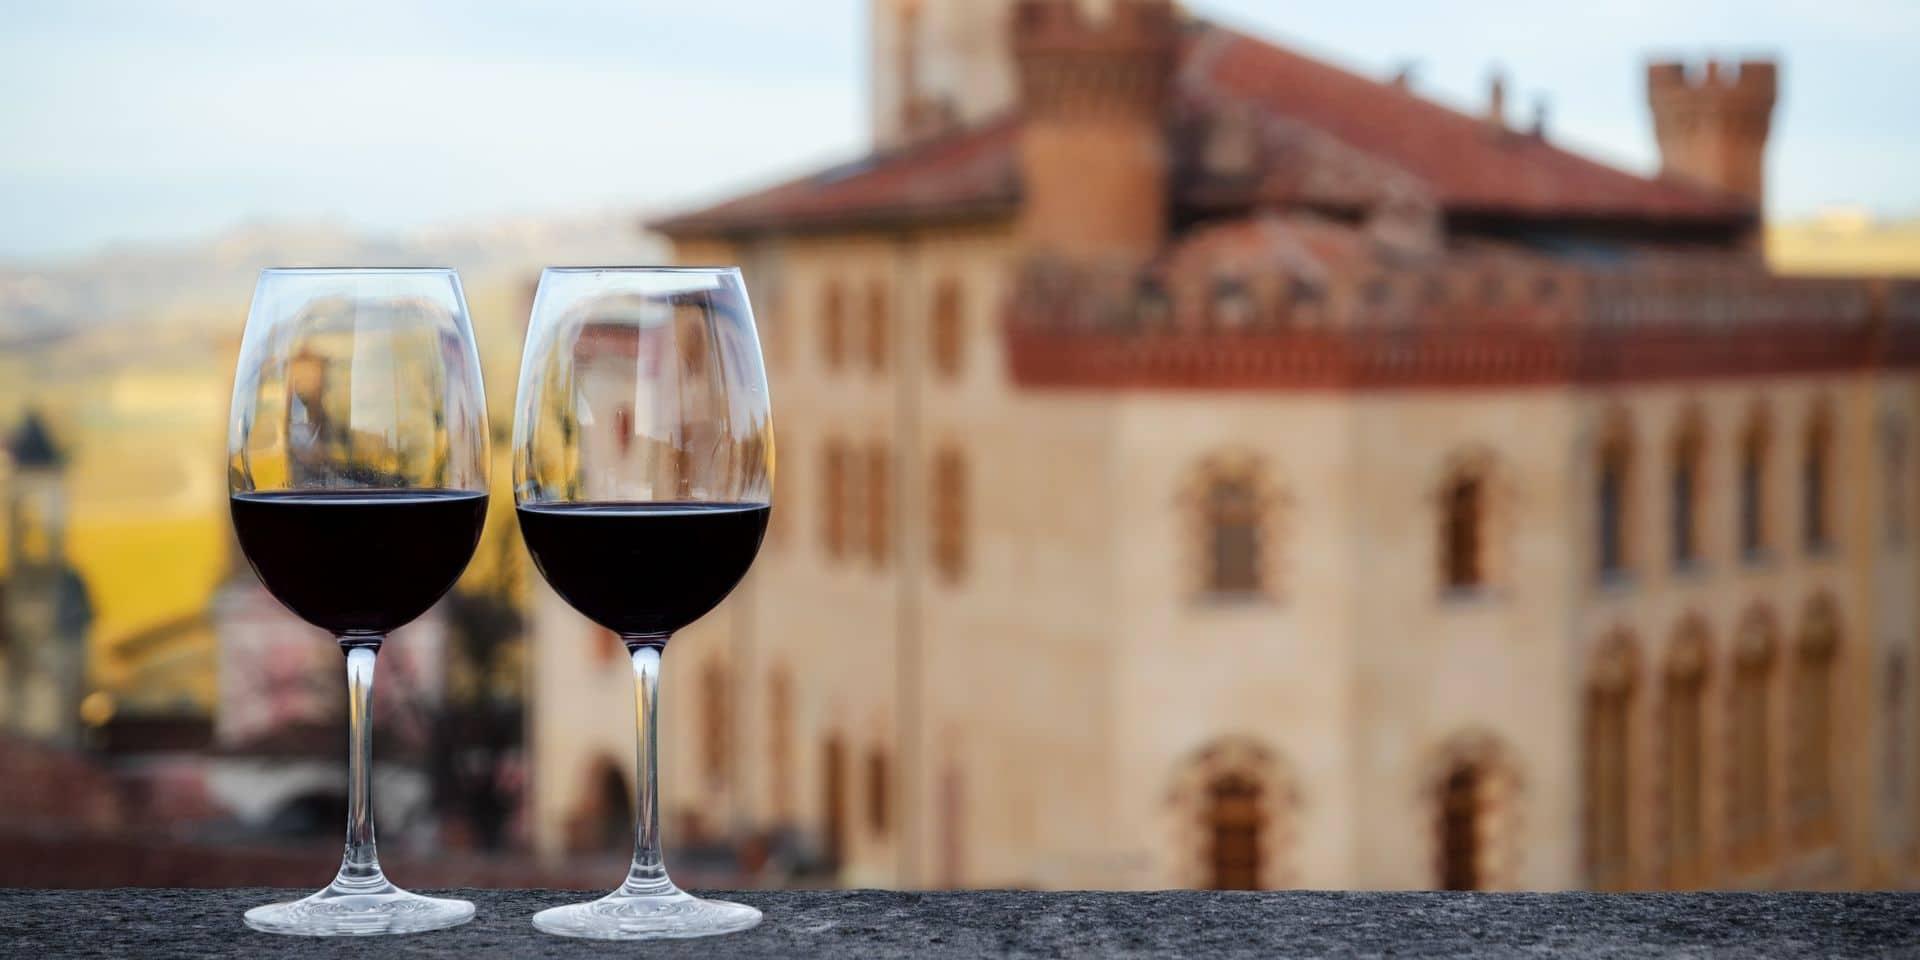 """Les lucarnes à vin remises à la mode par le Covid: """"C'est le seul moyen de pouvoir travailler en toute sécurité en ce moment"""""""